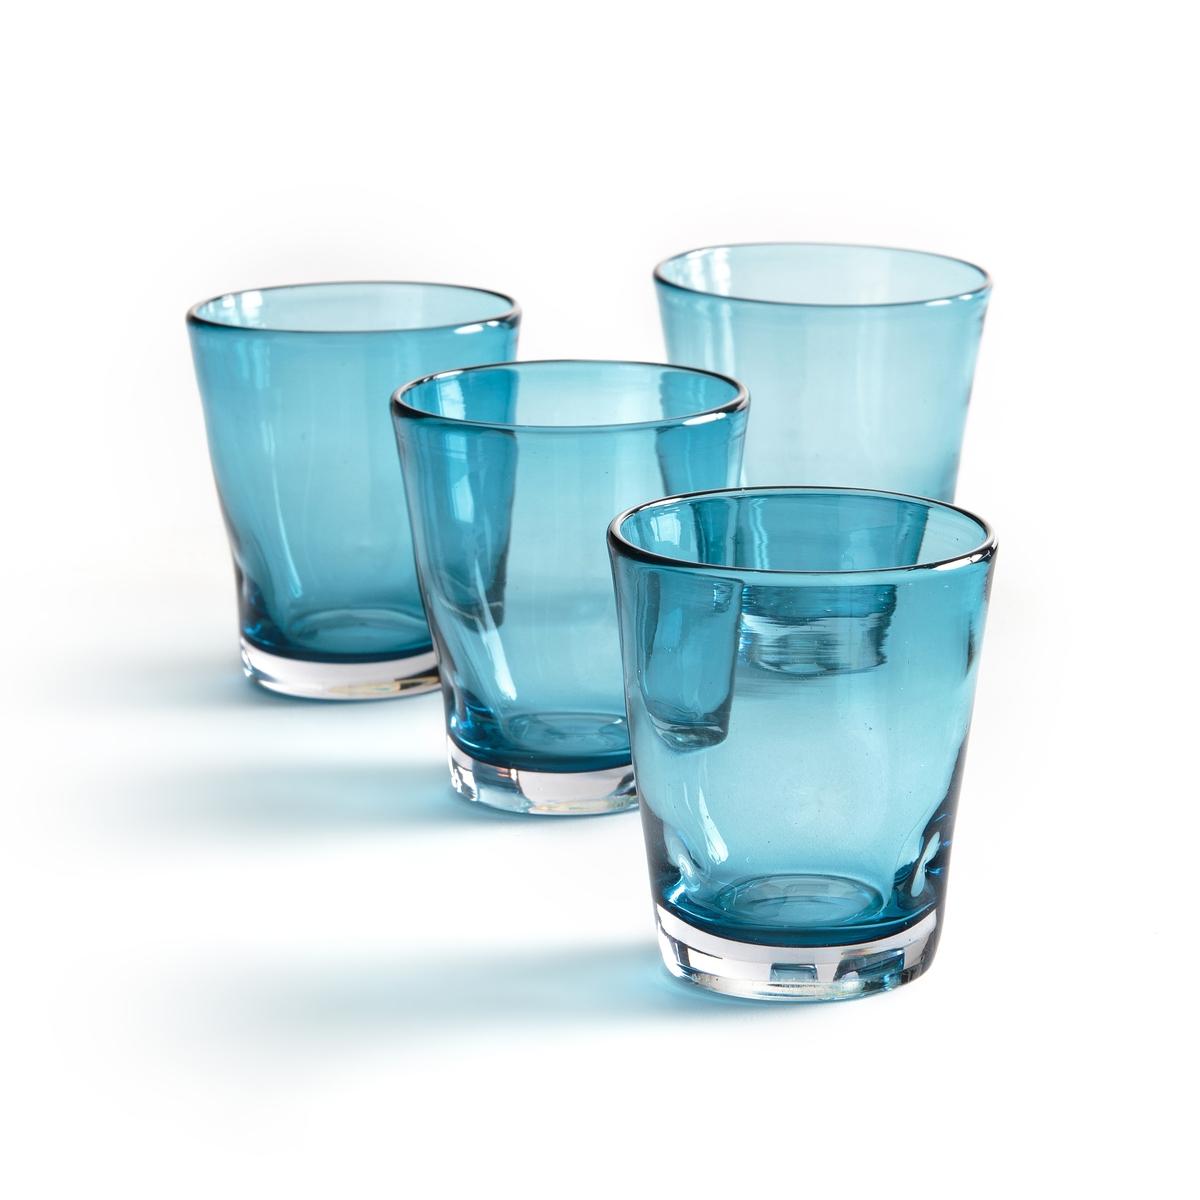 4 стакна для воды, Tawul4 стакна для воды Tawul . Красивая неоднородная форма . Ручная работа, каждое изделие уникально. Из прозрачного или синего стекла . Подходят для использования в посудомоечной машине. Размеры : ?8,5 x H9 см .<br><br>Цвет: прозрачный,синий<br>Размер: единый размер